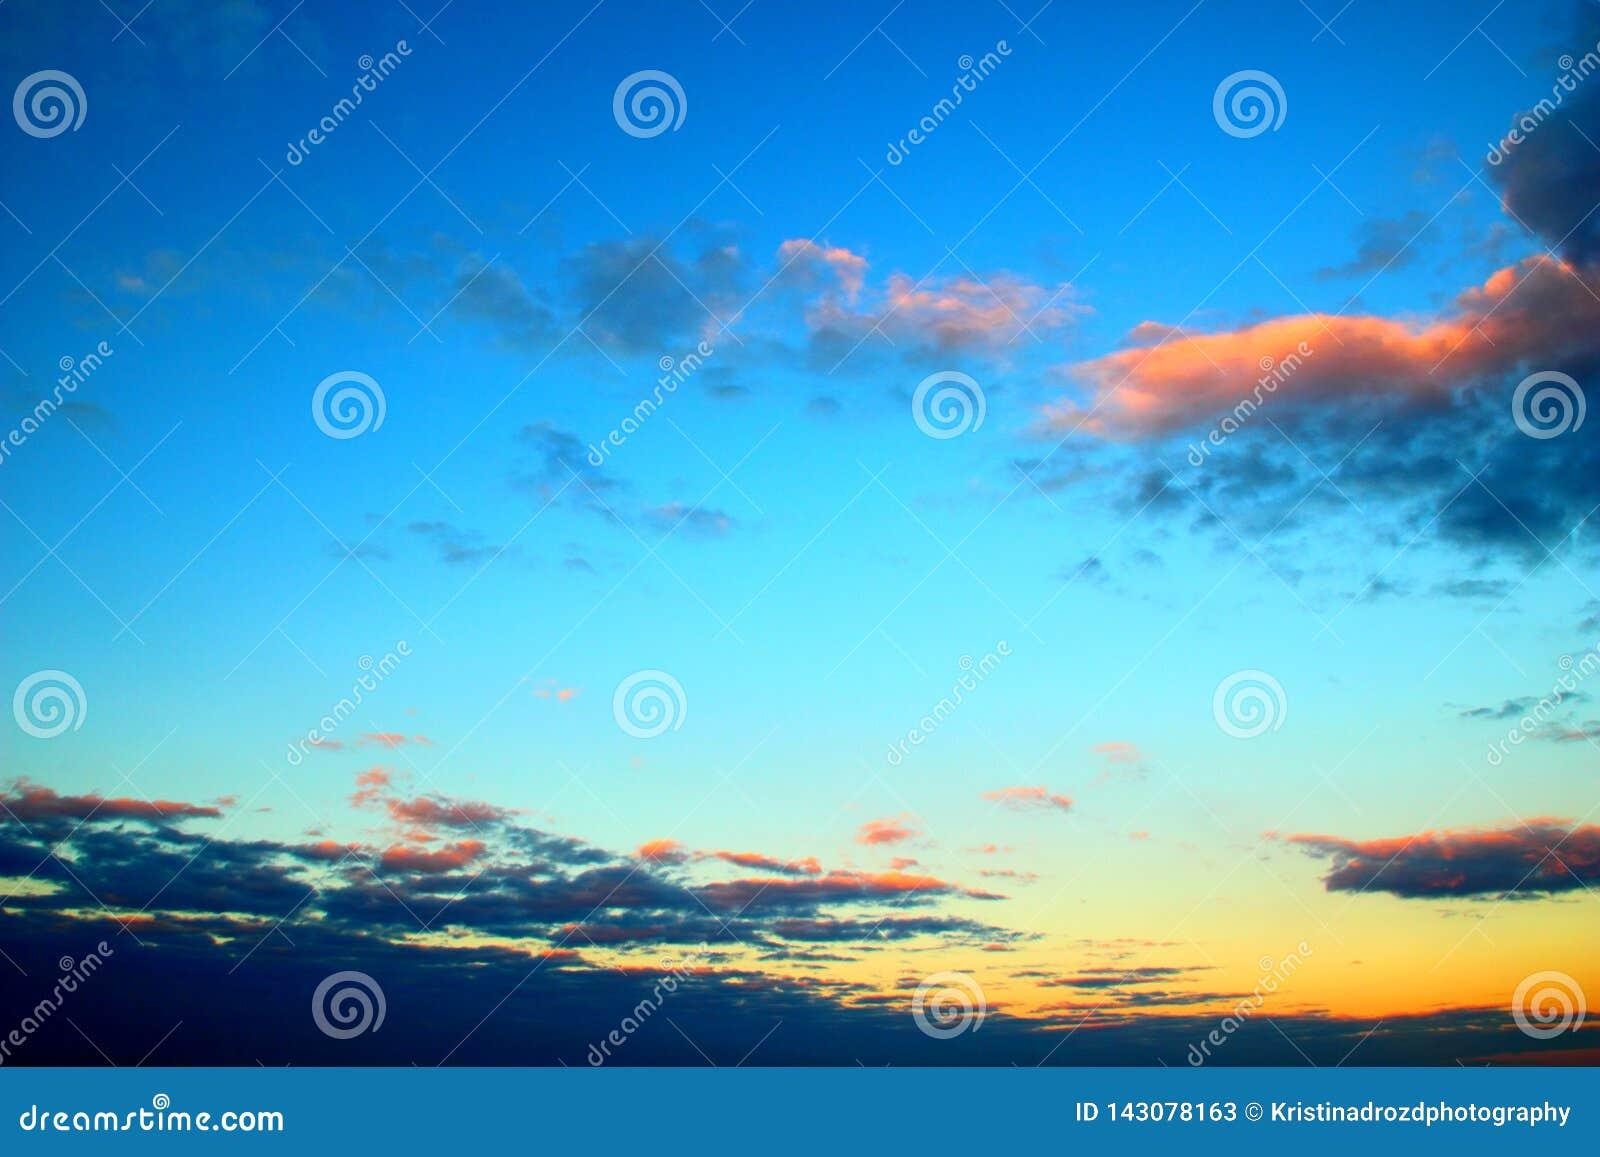 Guling-blått himmel med ljusa moln